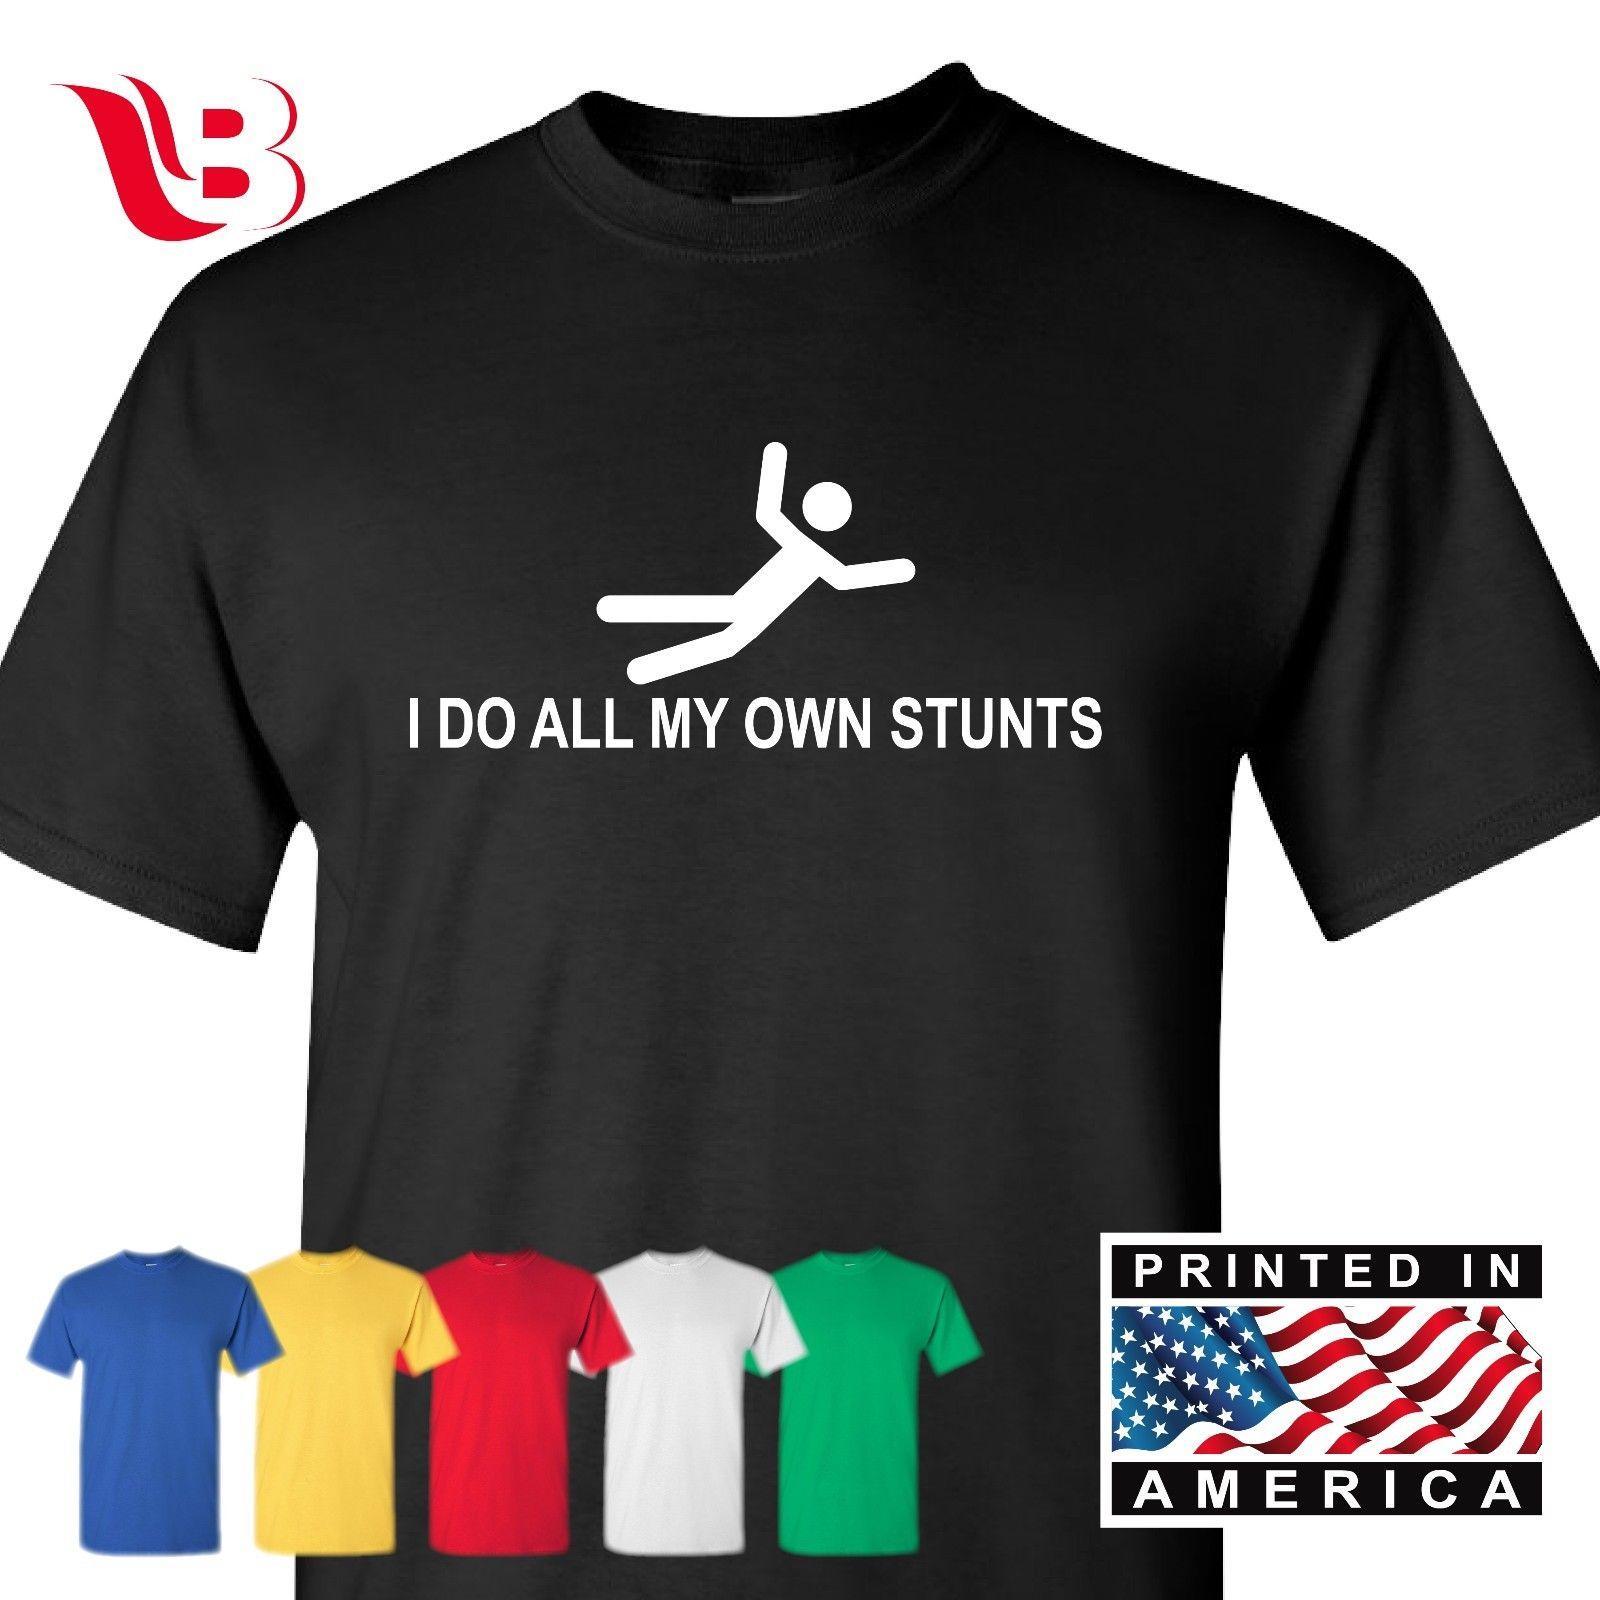 a70fca3f23e0a I Do My Own Stunts Tee Shirt Funny College Humor Geek Comic T Shirt Sm 3XLg  Funny Unisex Casual Tshirt Top Design Shirts Cool Tshirts From Mvptshirt,  ...